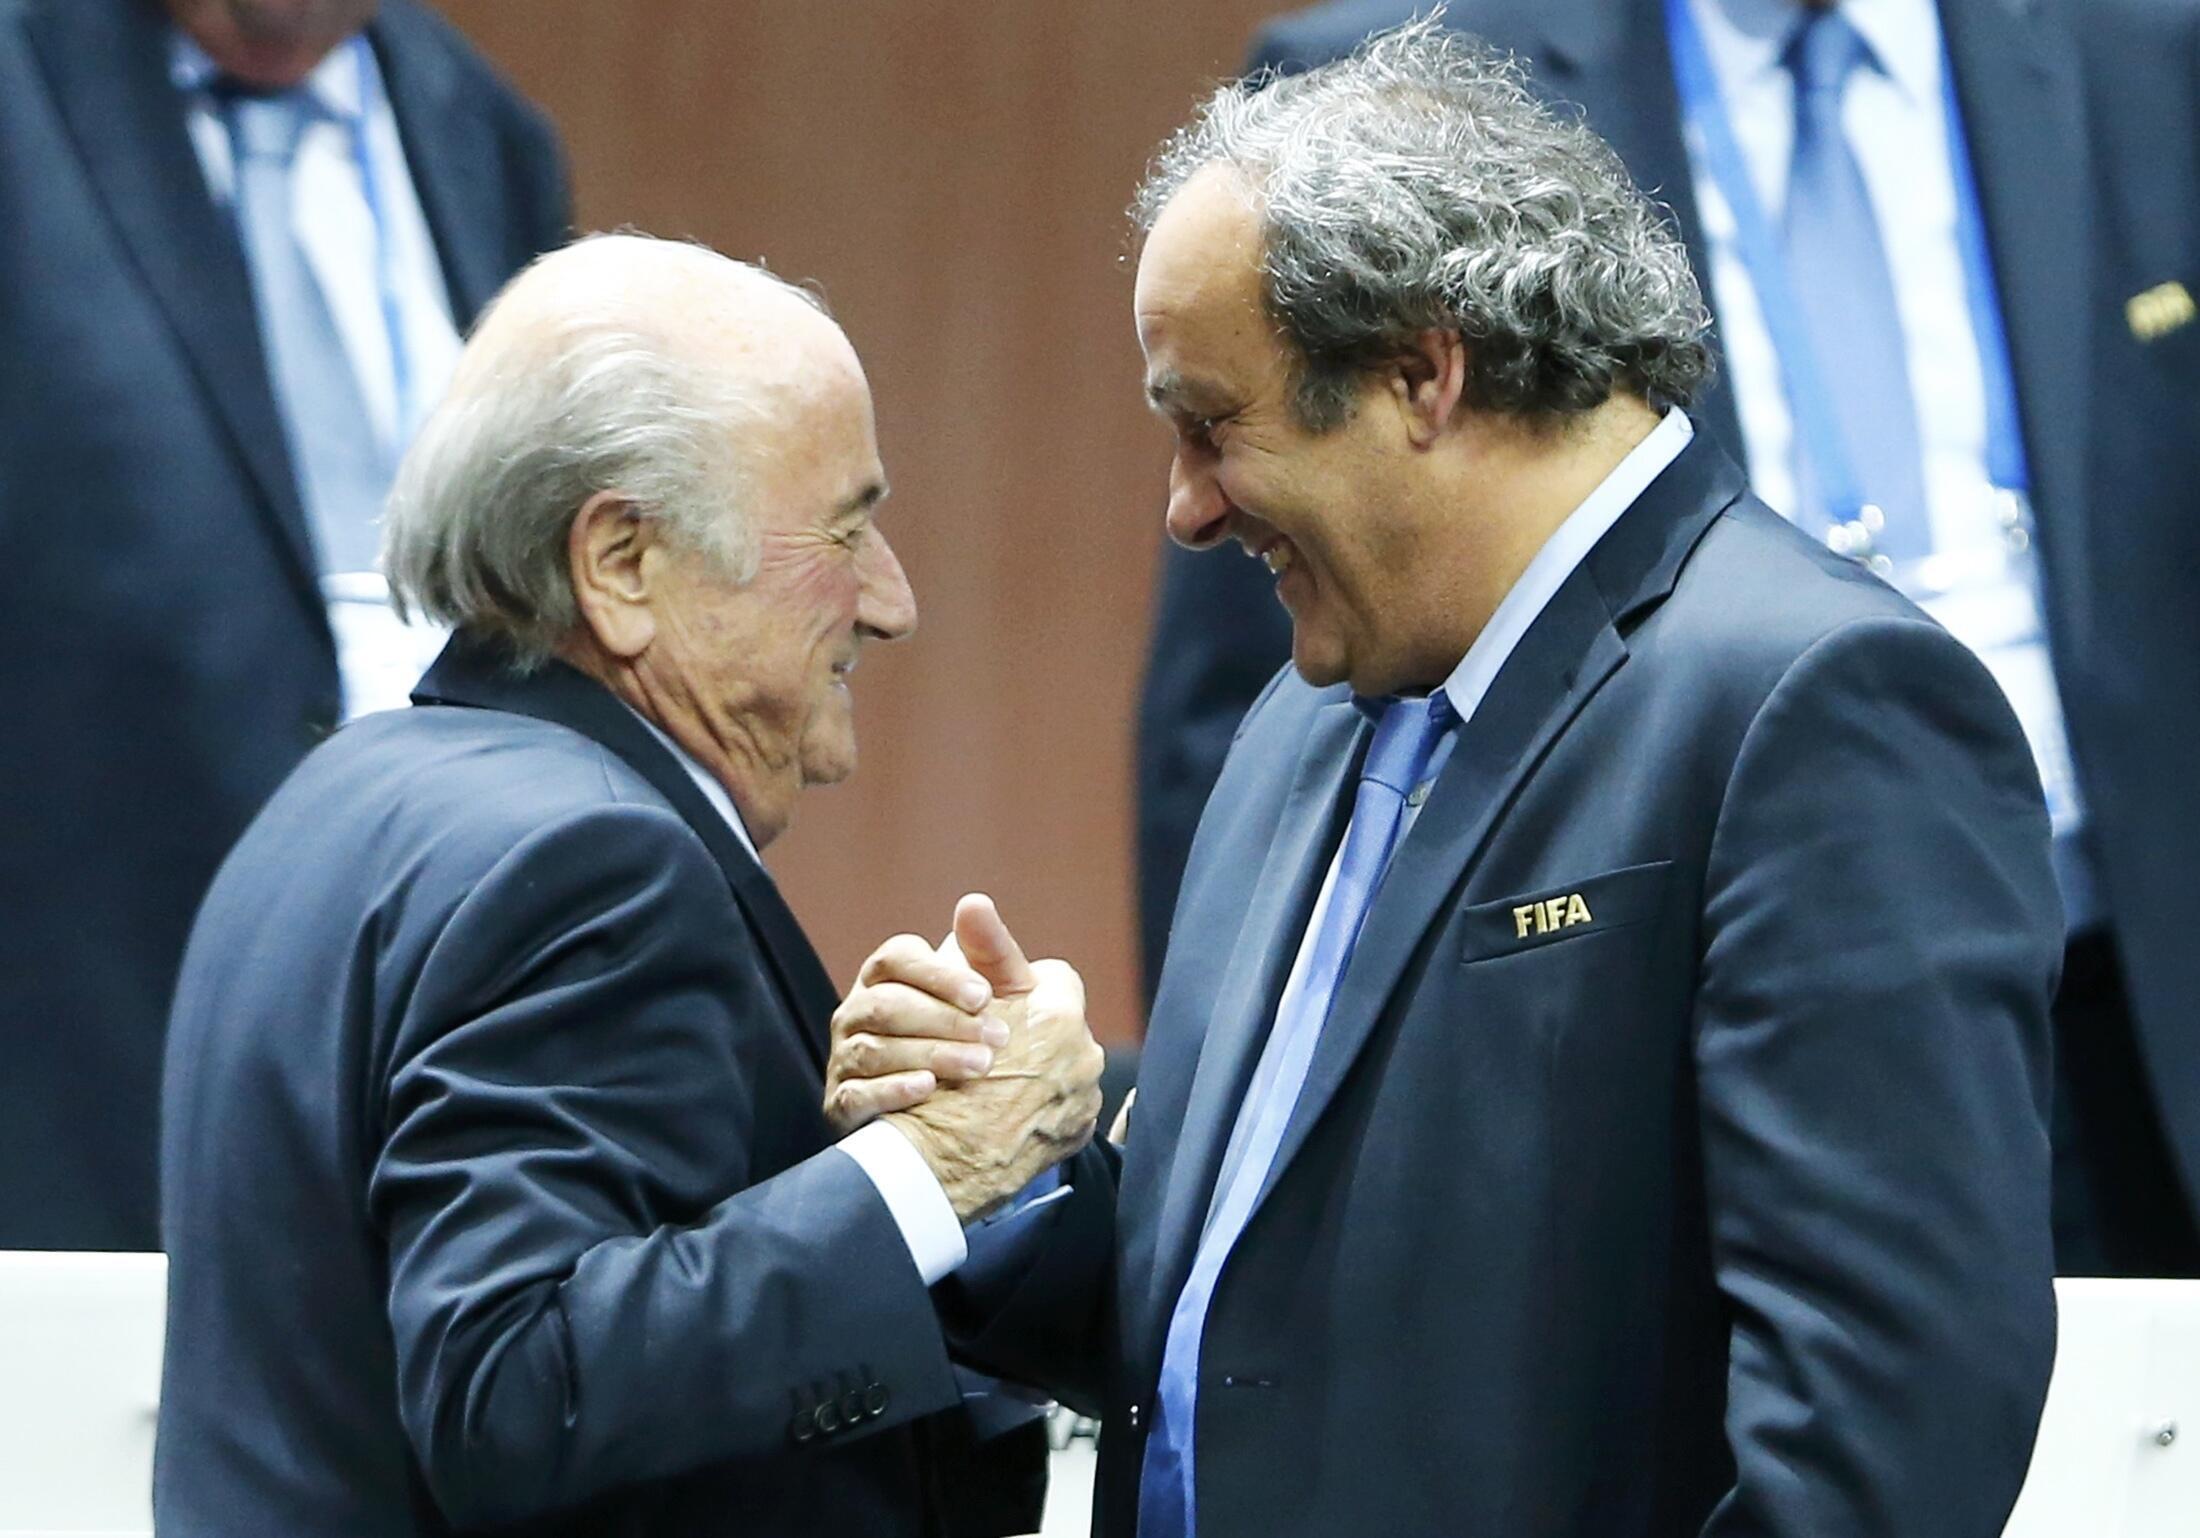 Bien qu'adversaire déclaré à sa réélection, Michel Platini (d) félicite le président de la Fifa Sepp Blatter après le vote, vendredi 29 mai à Zurich.